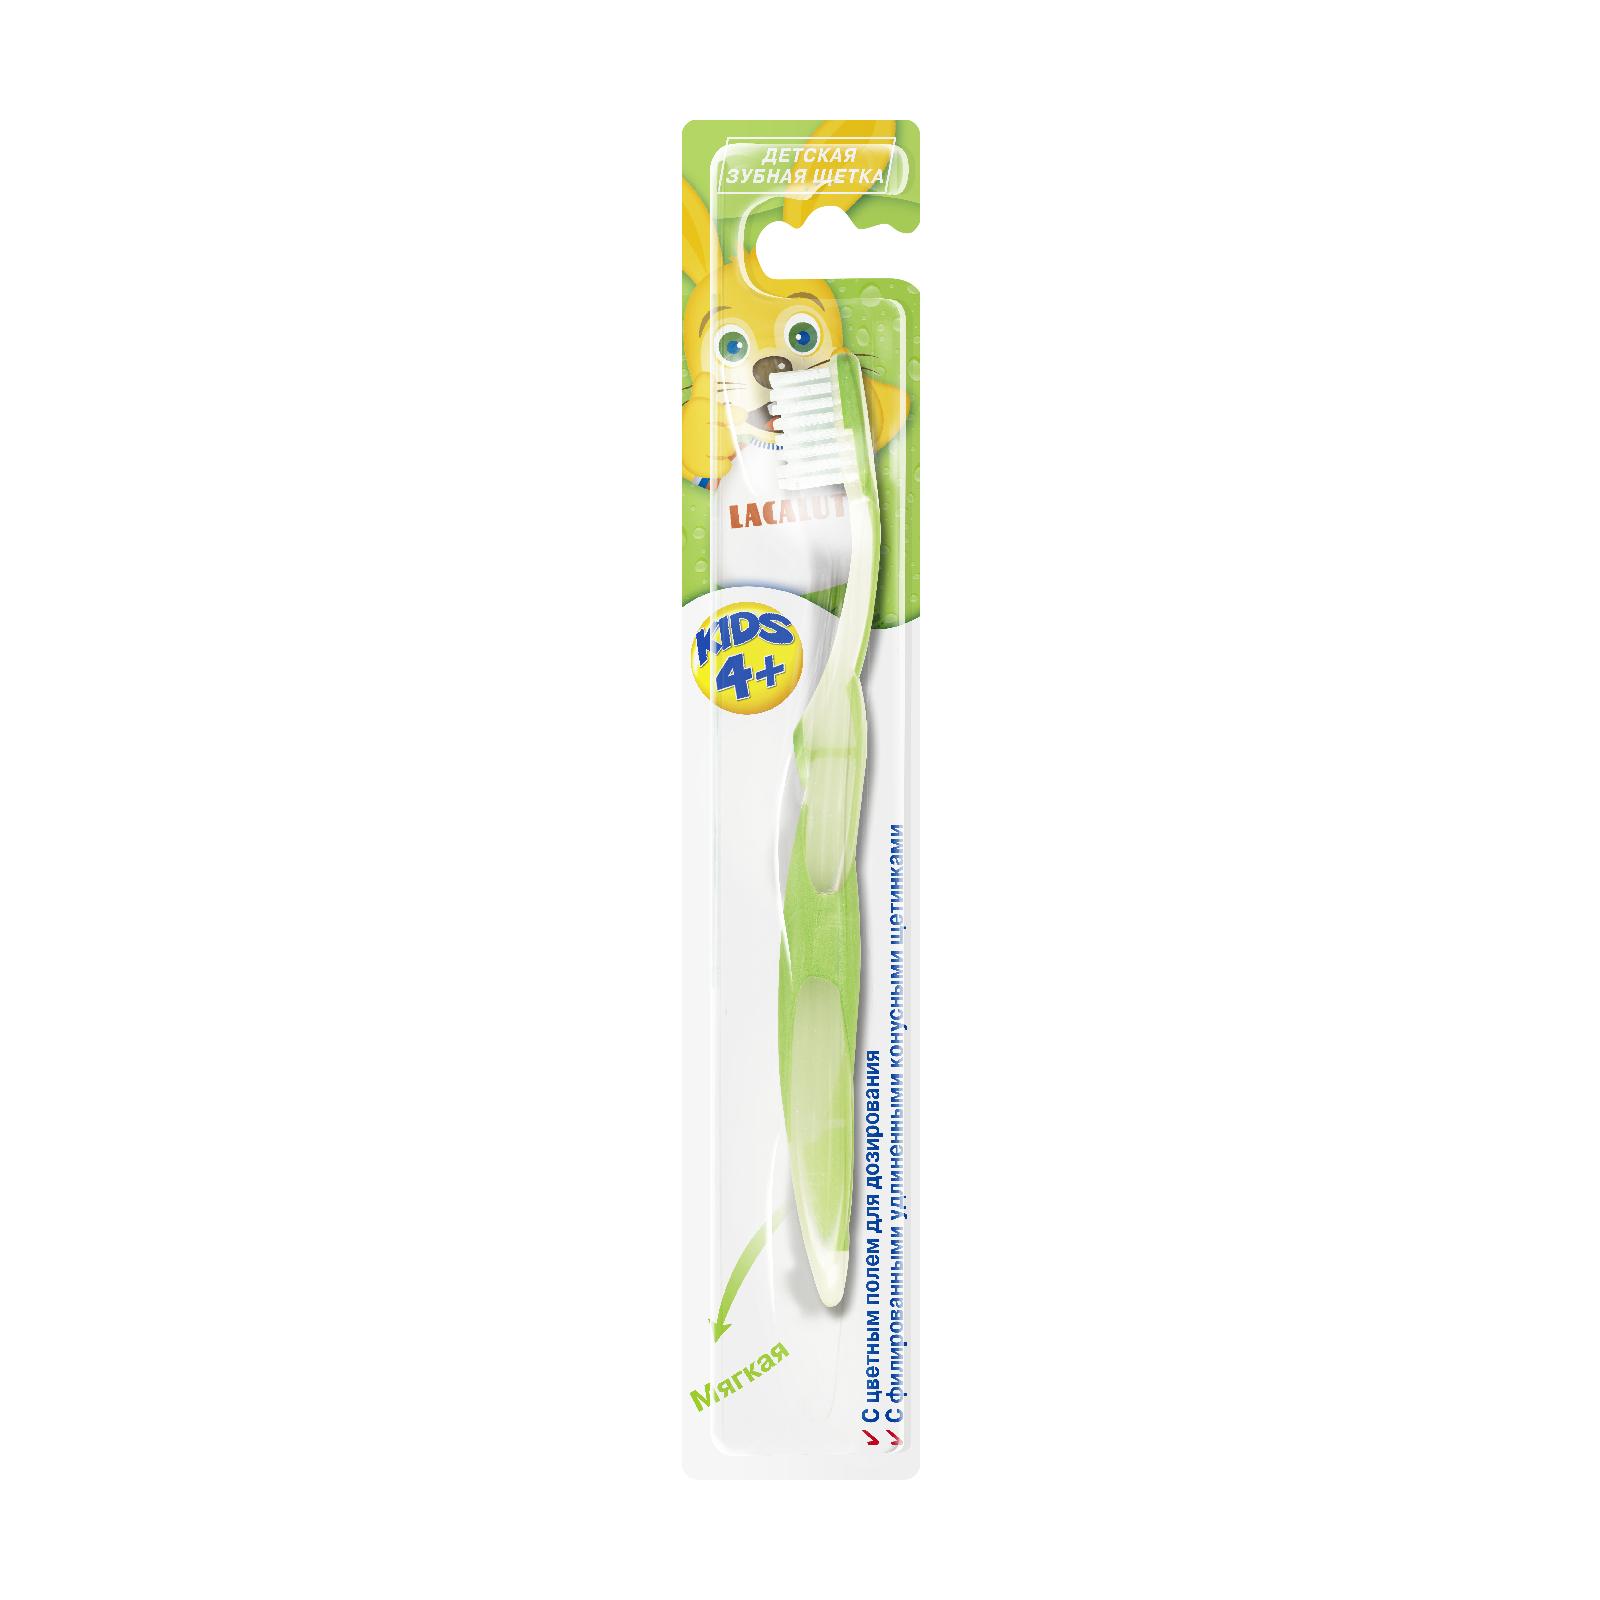 Зубная щетка Lacalut Kids 4+.